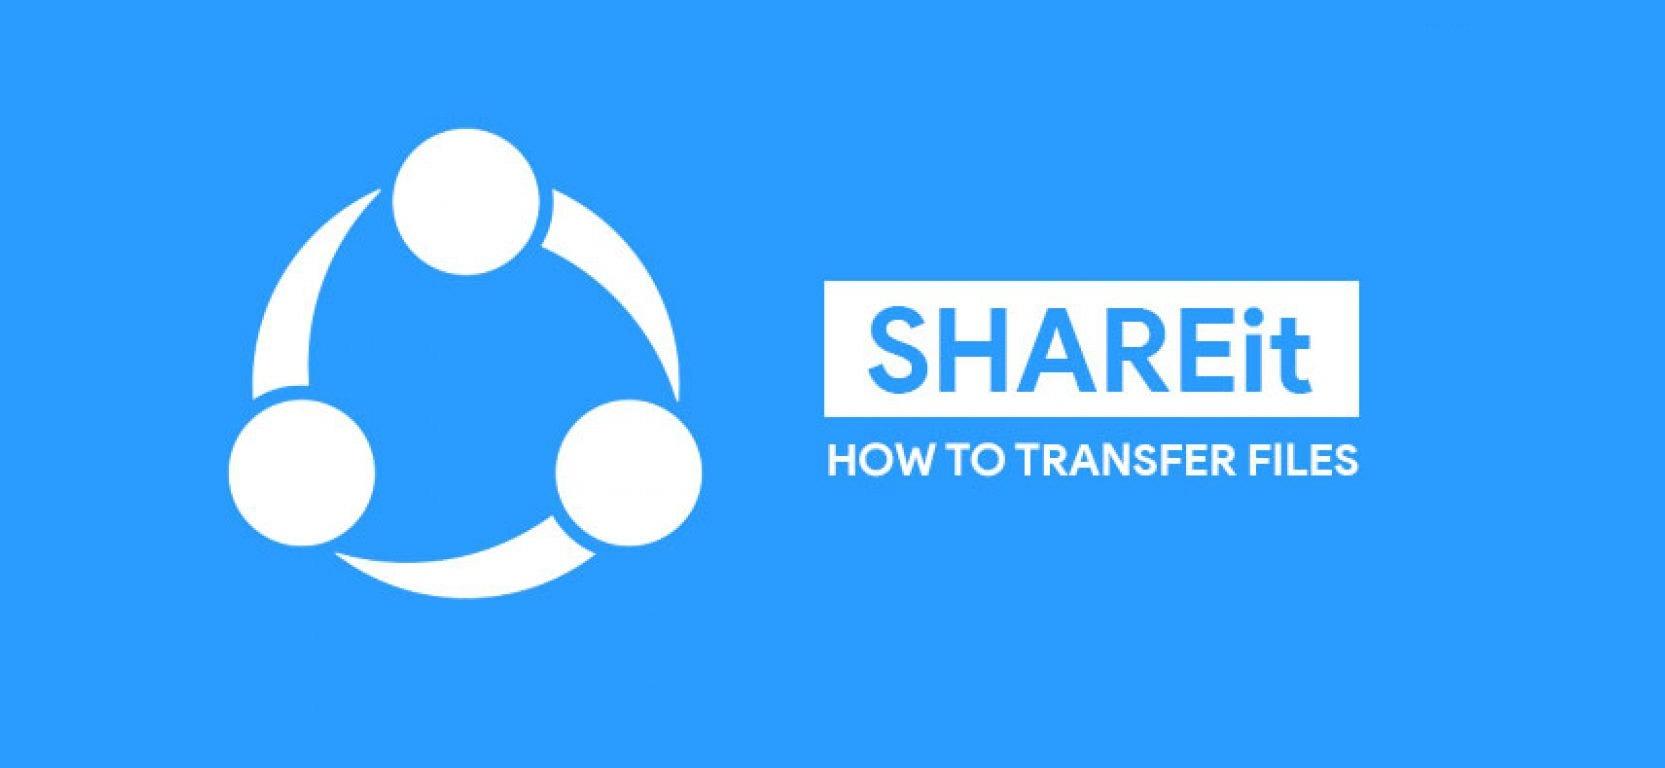 برنامه شریت - SHAREit بهترین ابزار برای انتقال فایل های شما | چیکاو